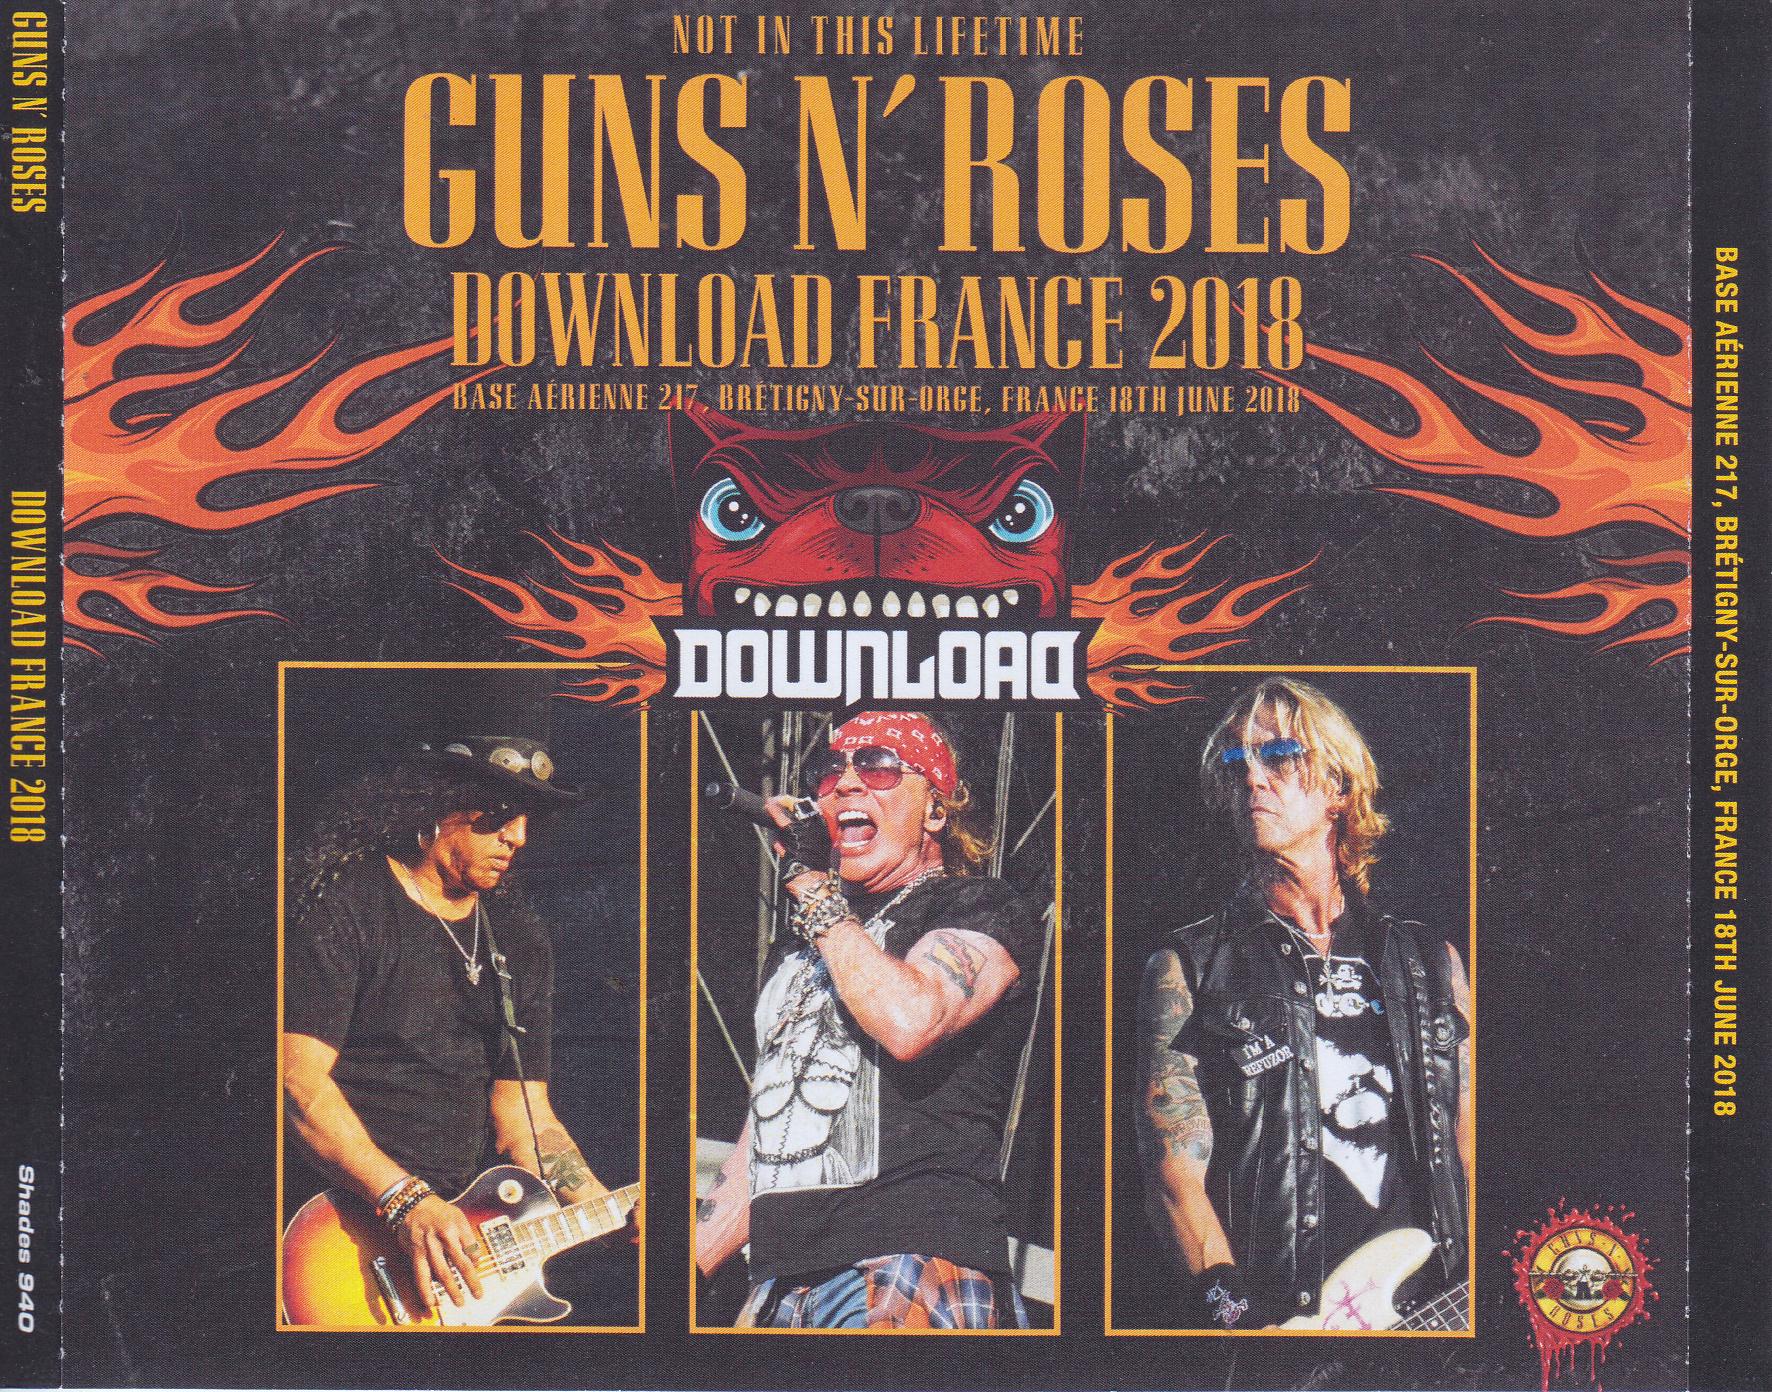 guns n roses download france 2018 3cdr giginjapan